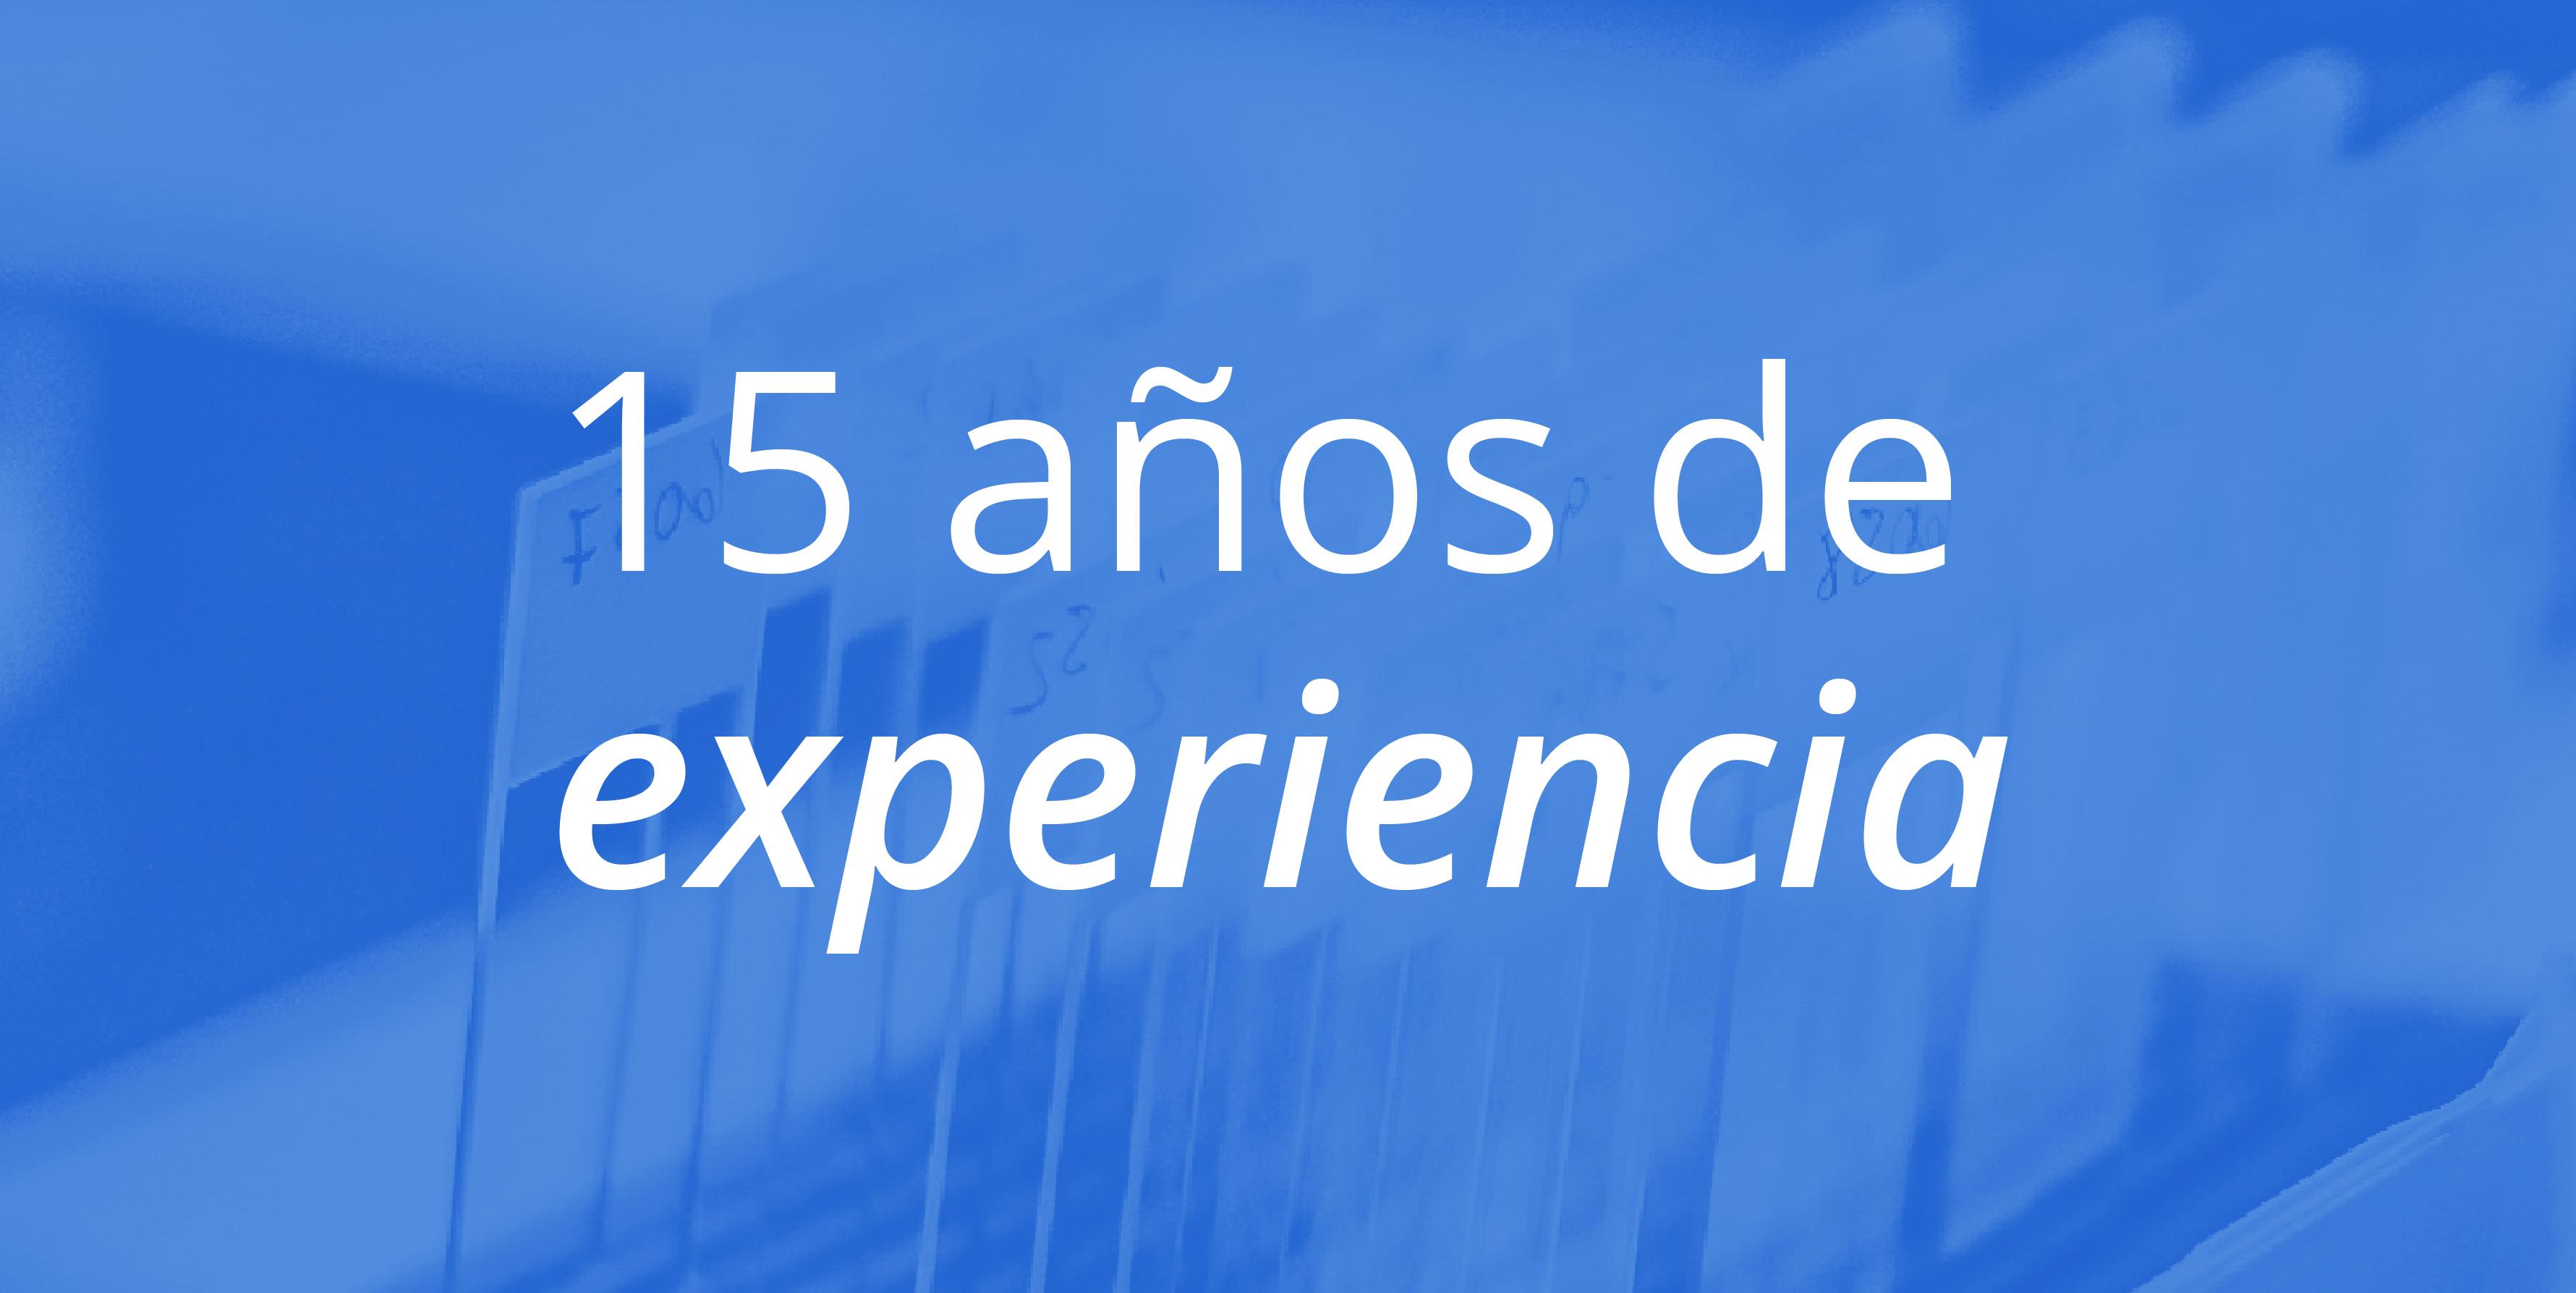 15 años de experiencia banner